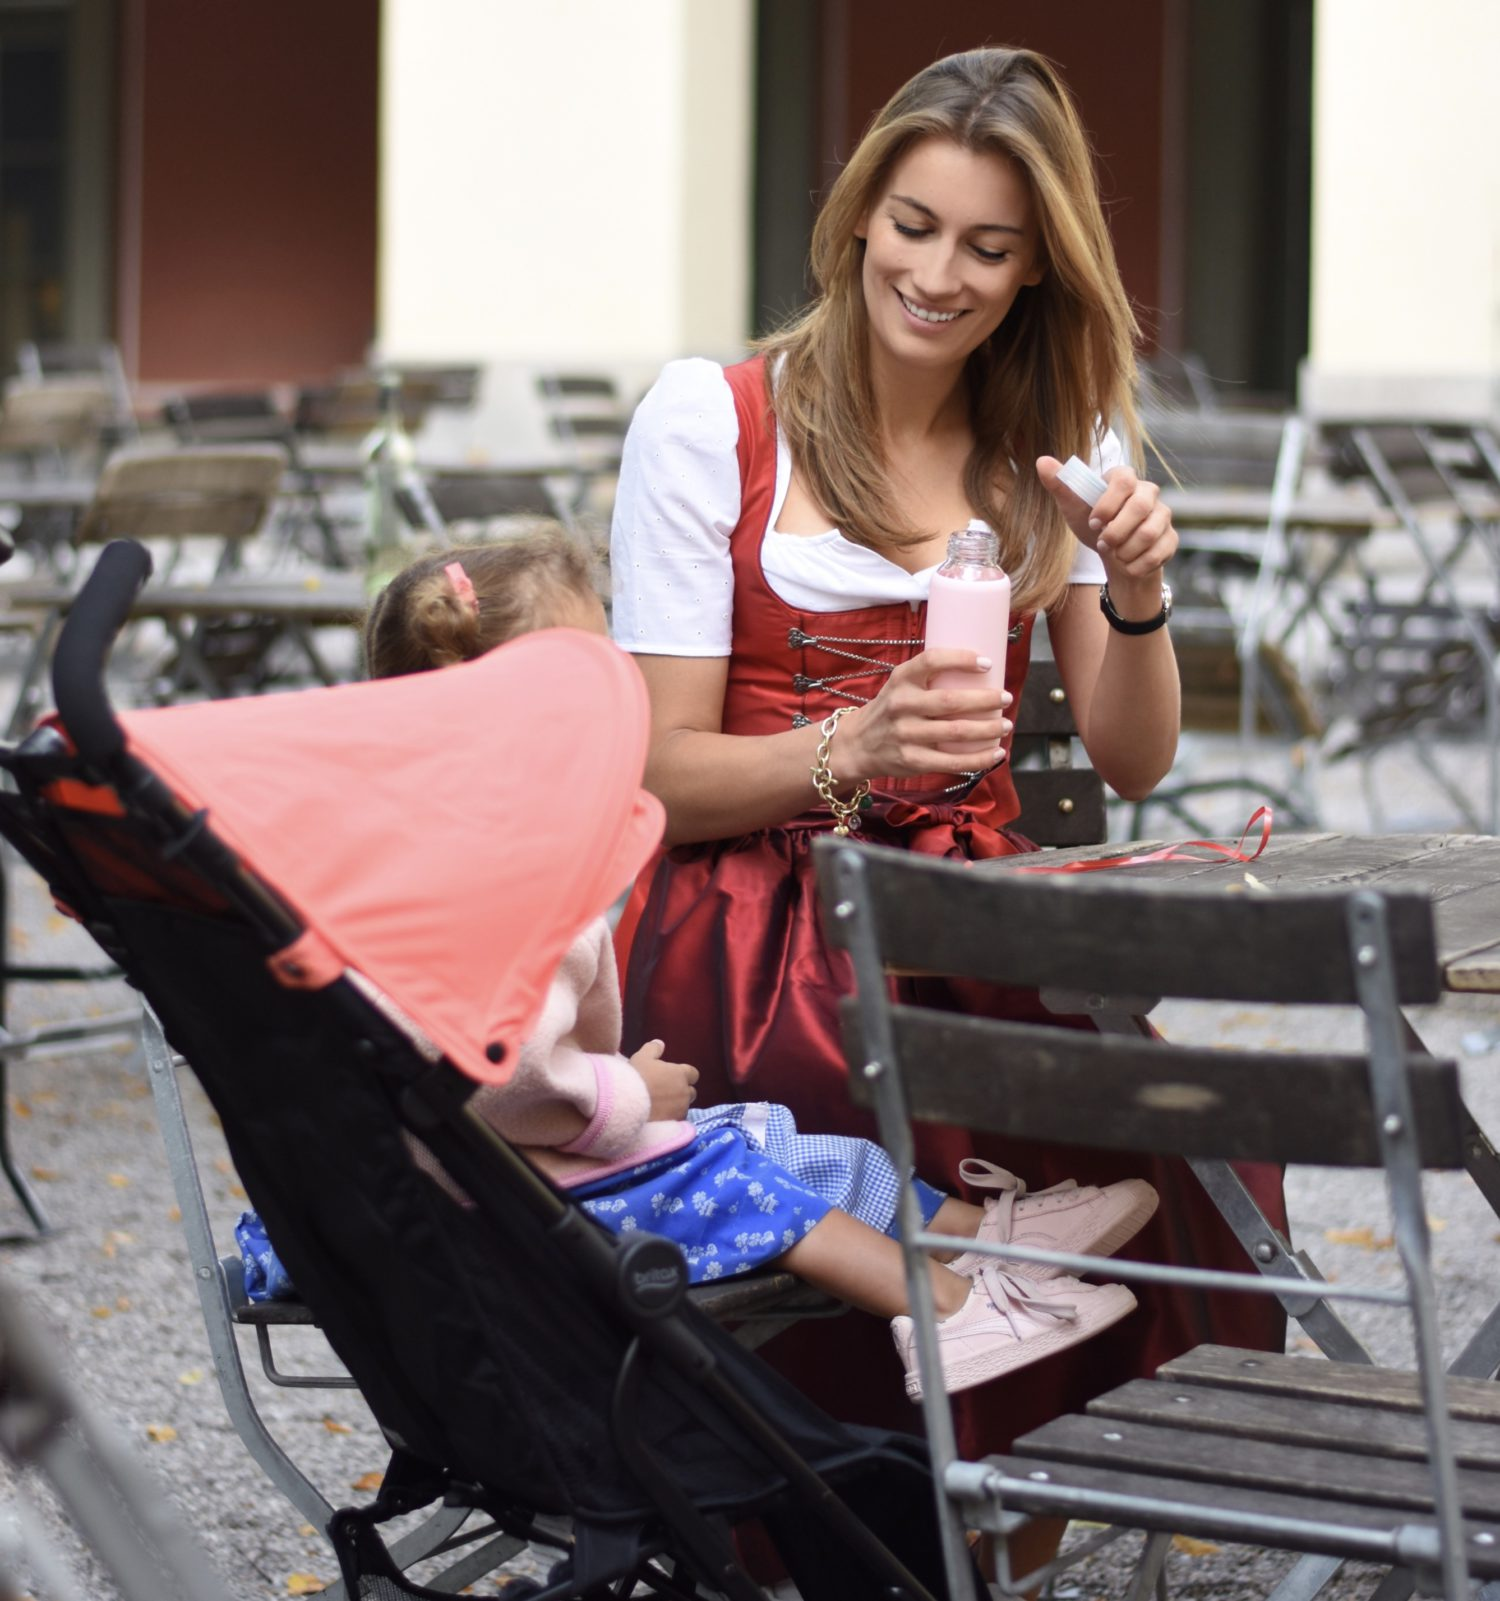 Wiesn mit Kind - Mama und Tochter sitzen gemeinsam am Biergartentisch.